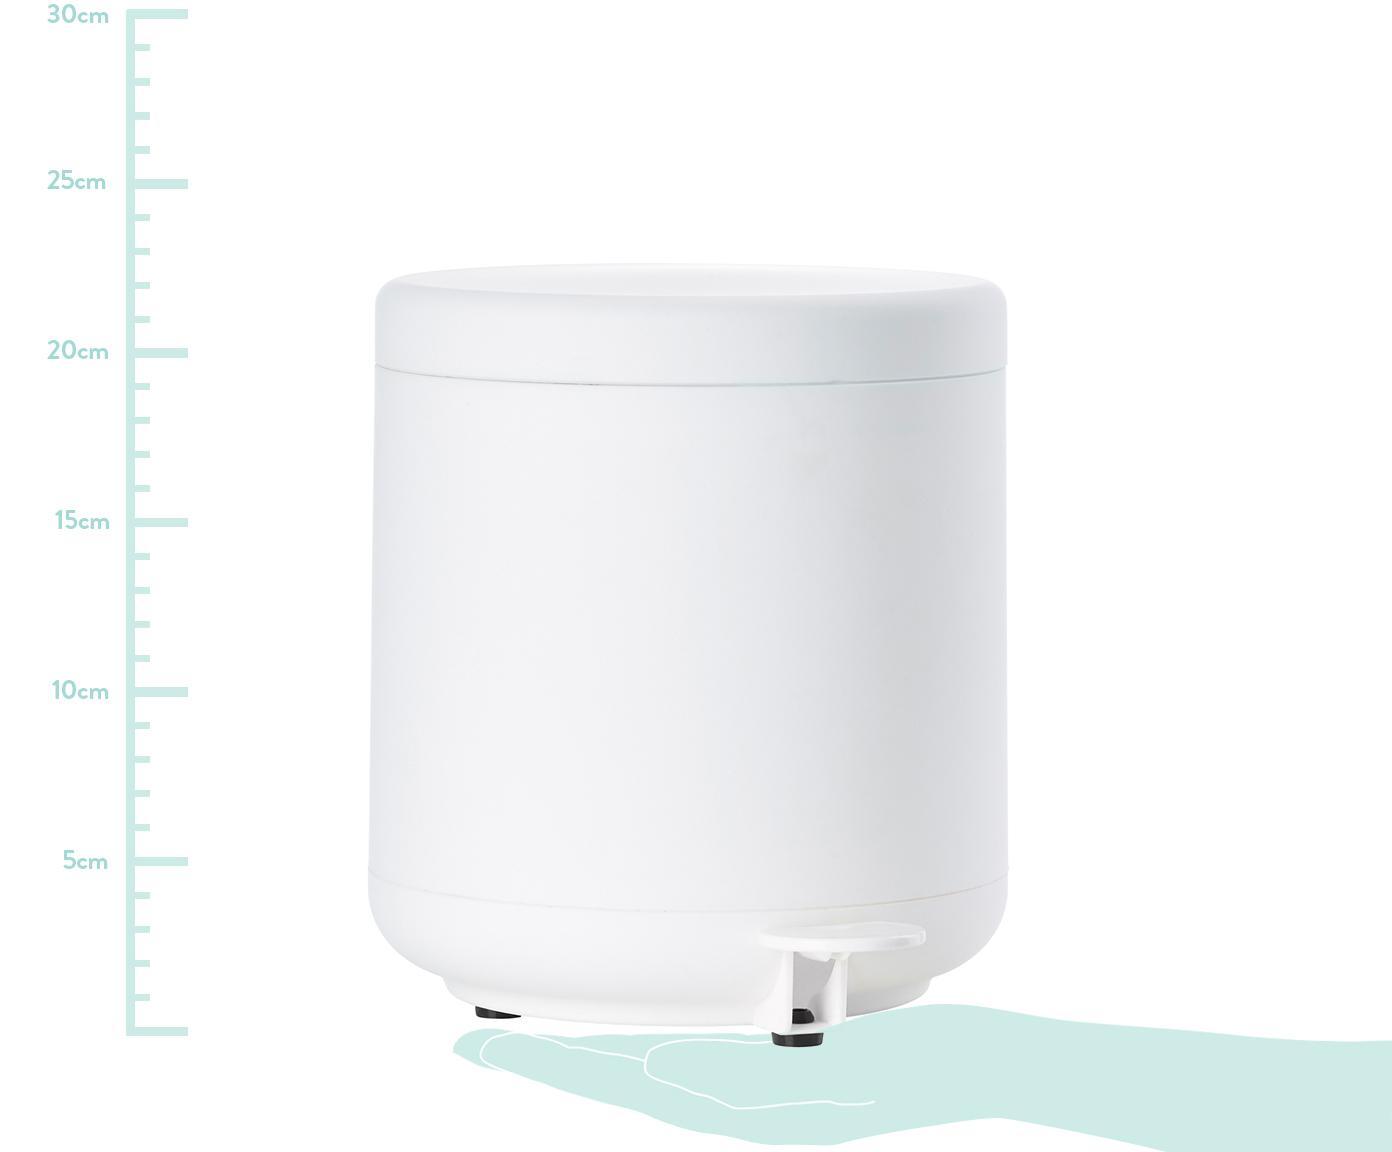 Kosz na śmieci Omega, Tworzywo sztuczne (ABS), Biały, matowy, Ø 20 x W 22 cm